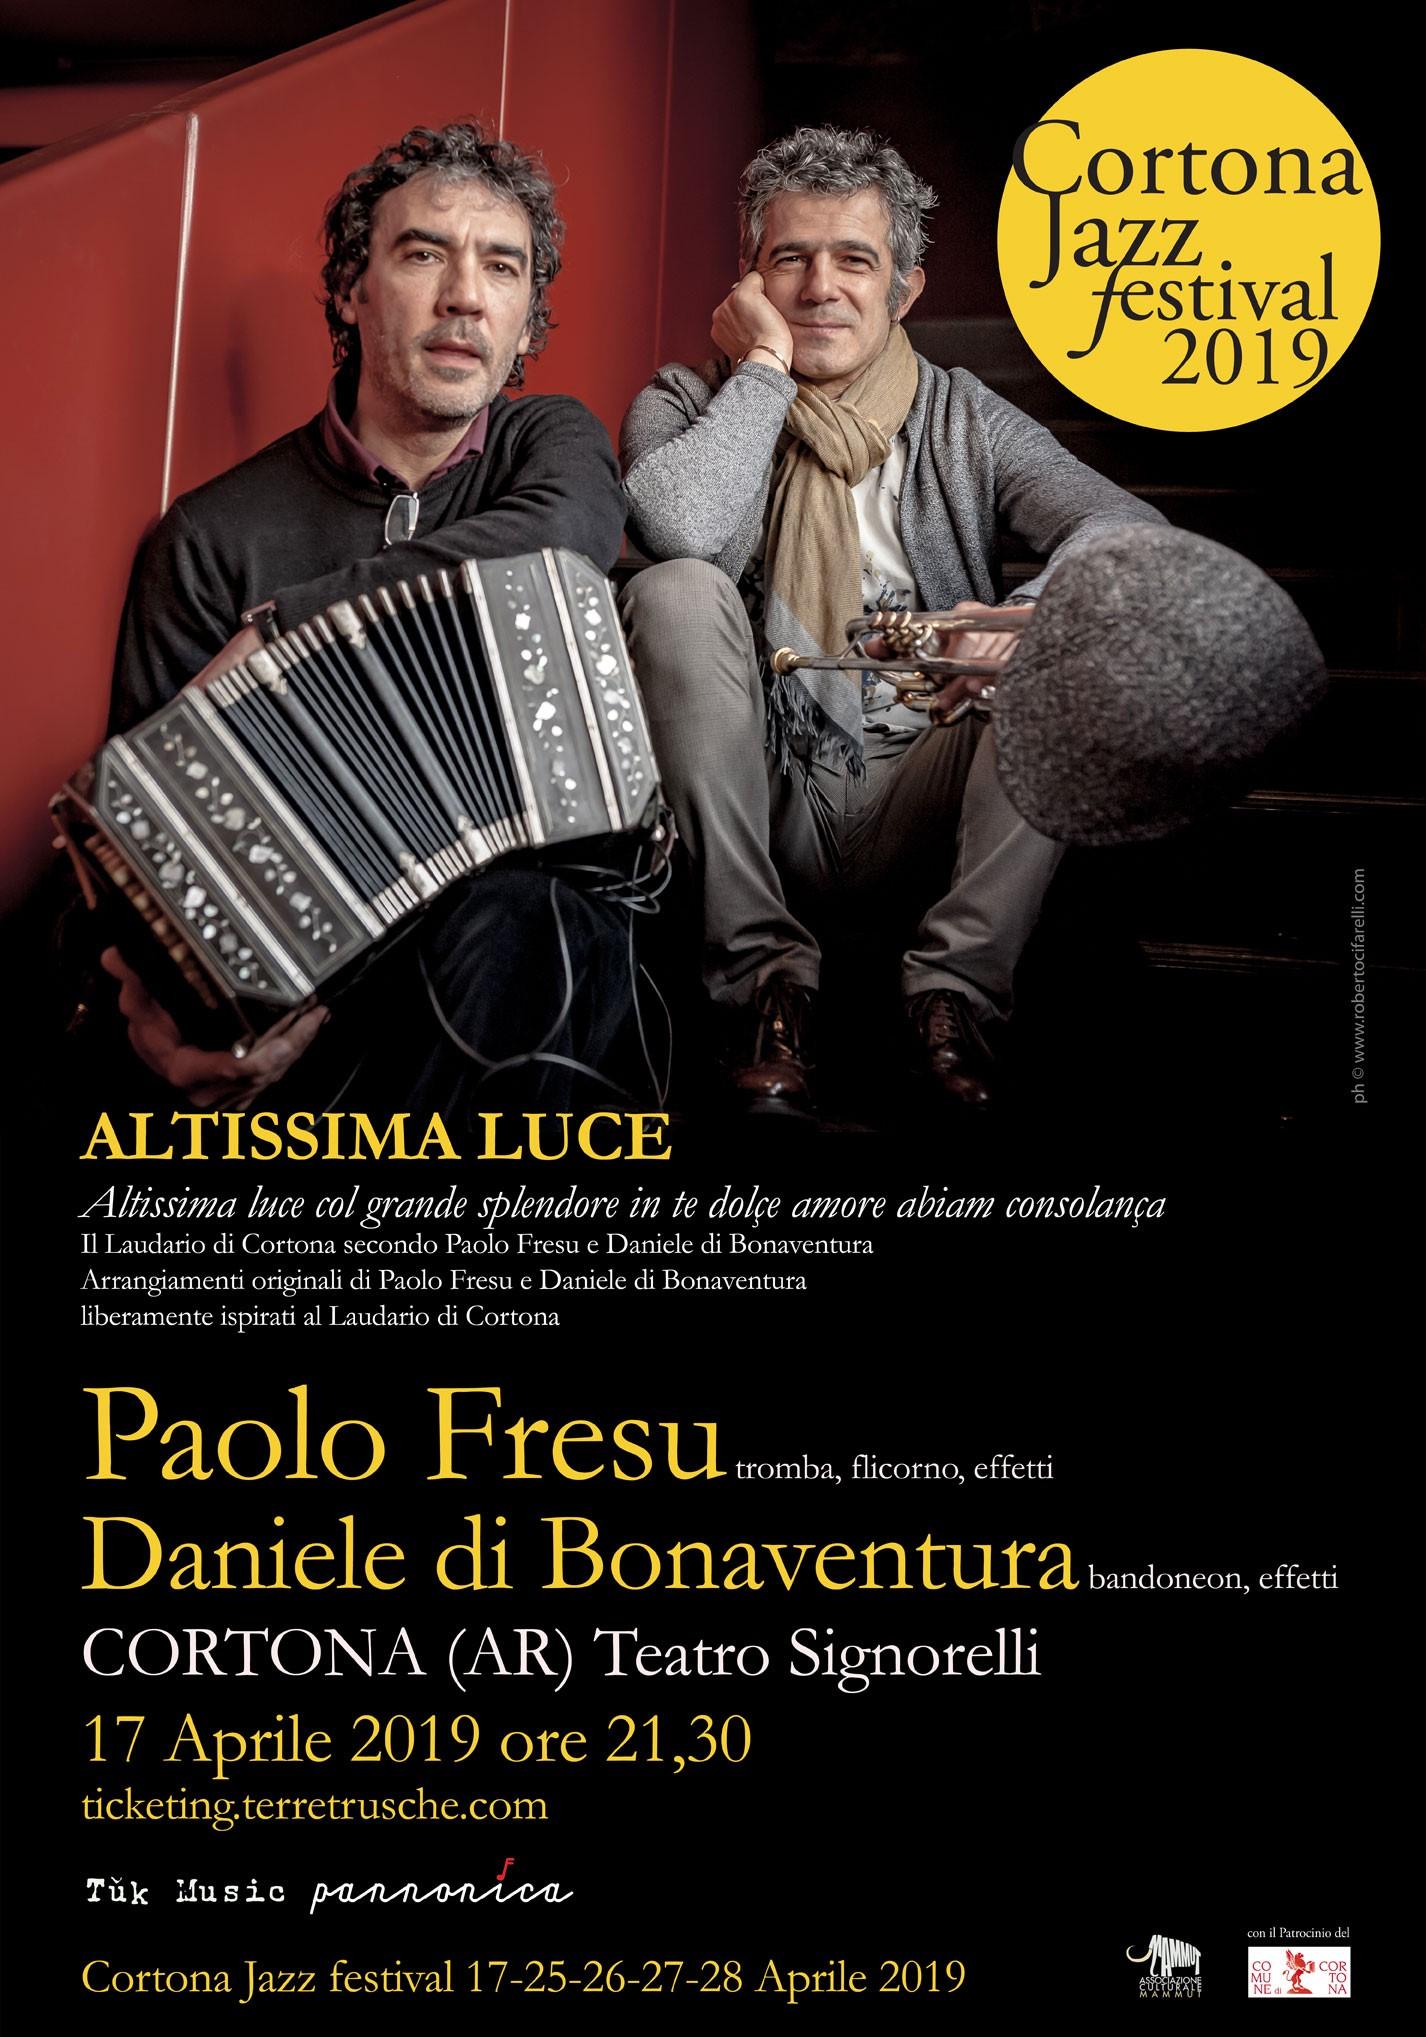 Anteprima del Cortona Jazz Festival con Fresu e Di Bonaventura